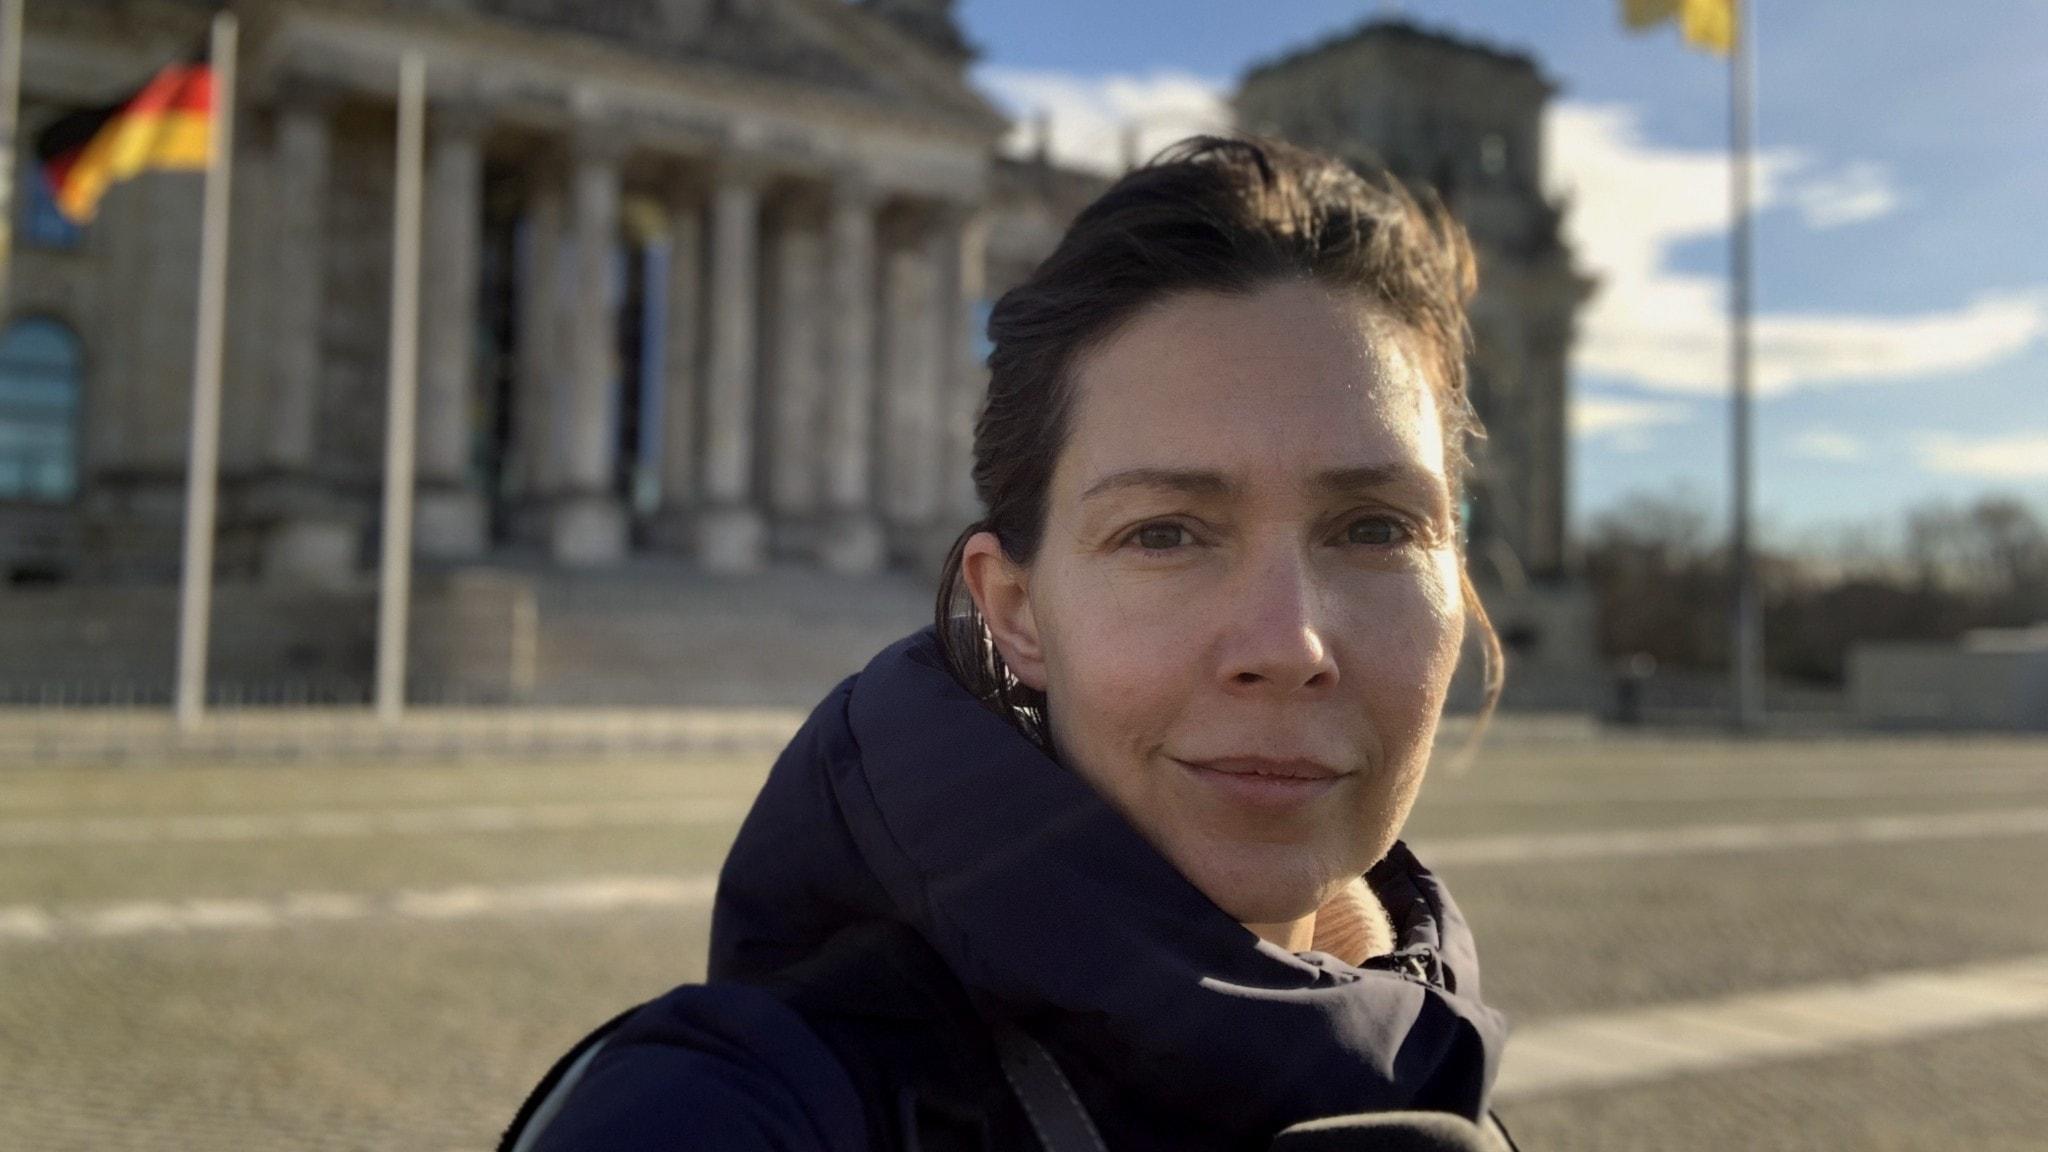 Caroline Salzinger framför Förbundsdagen.